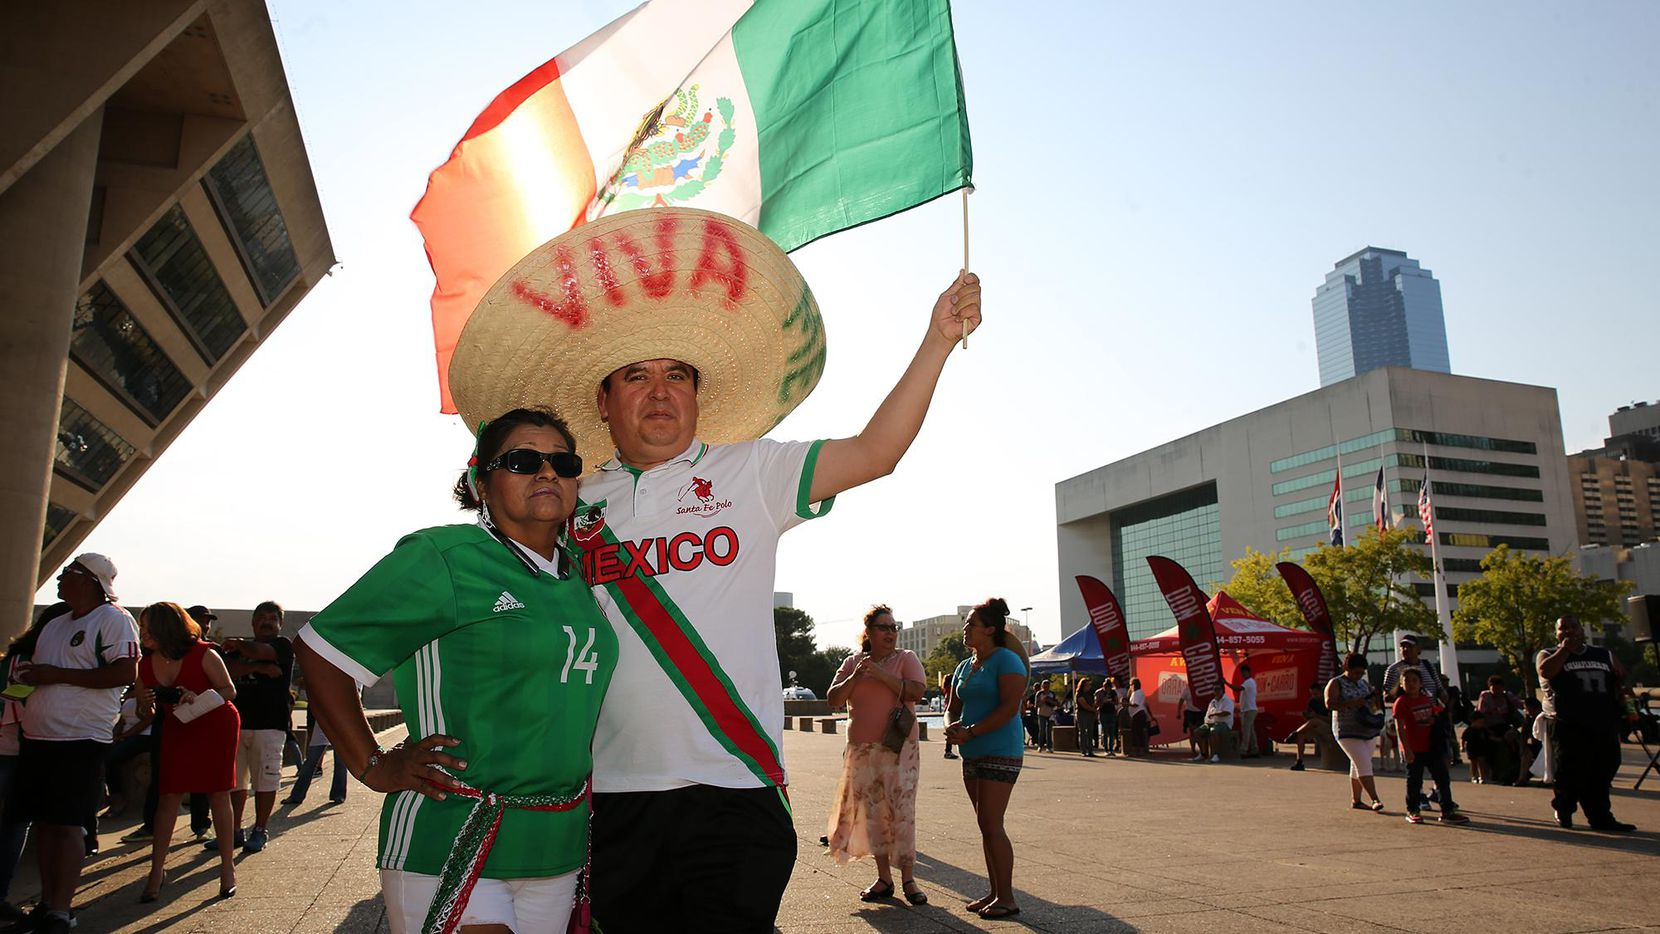 Cientos de personas festejaron El Grito desde la esplanda de la alcaldía de Dallas el viernes pasado. (ESPECIAL PARA AL DÍA/OMAR VEGA)